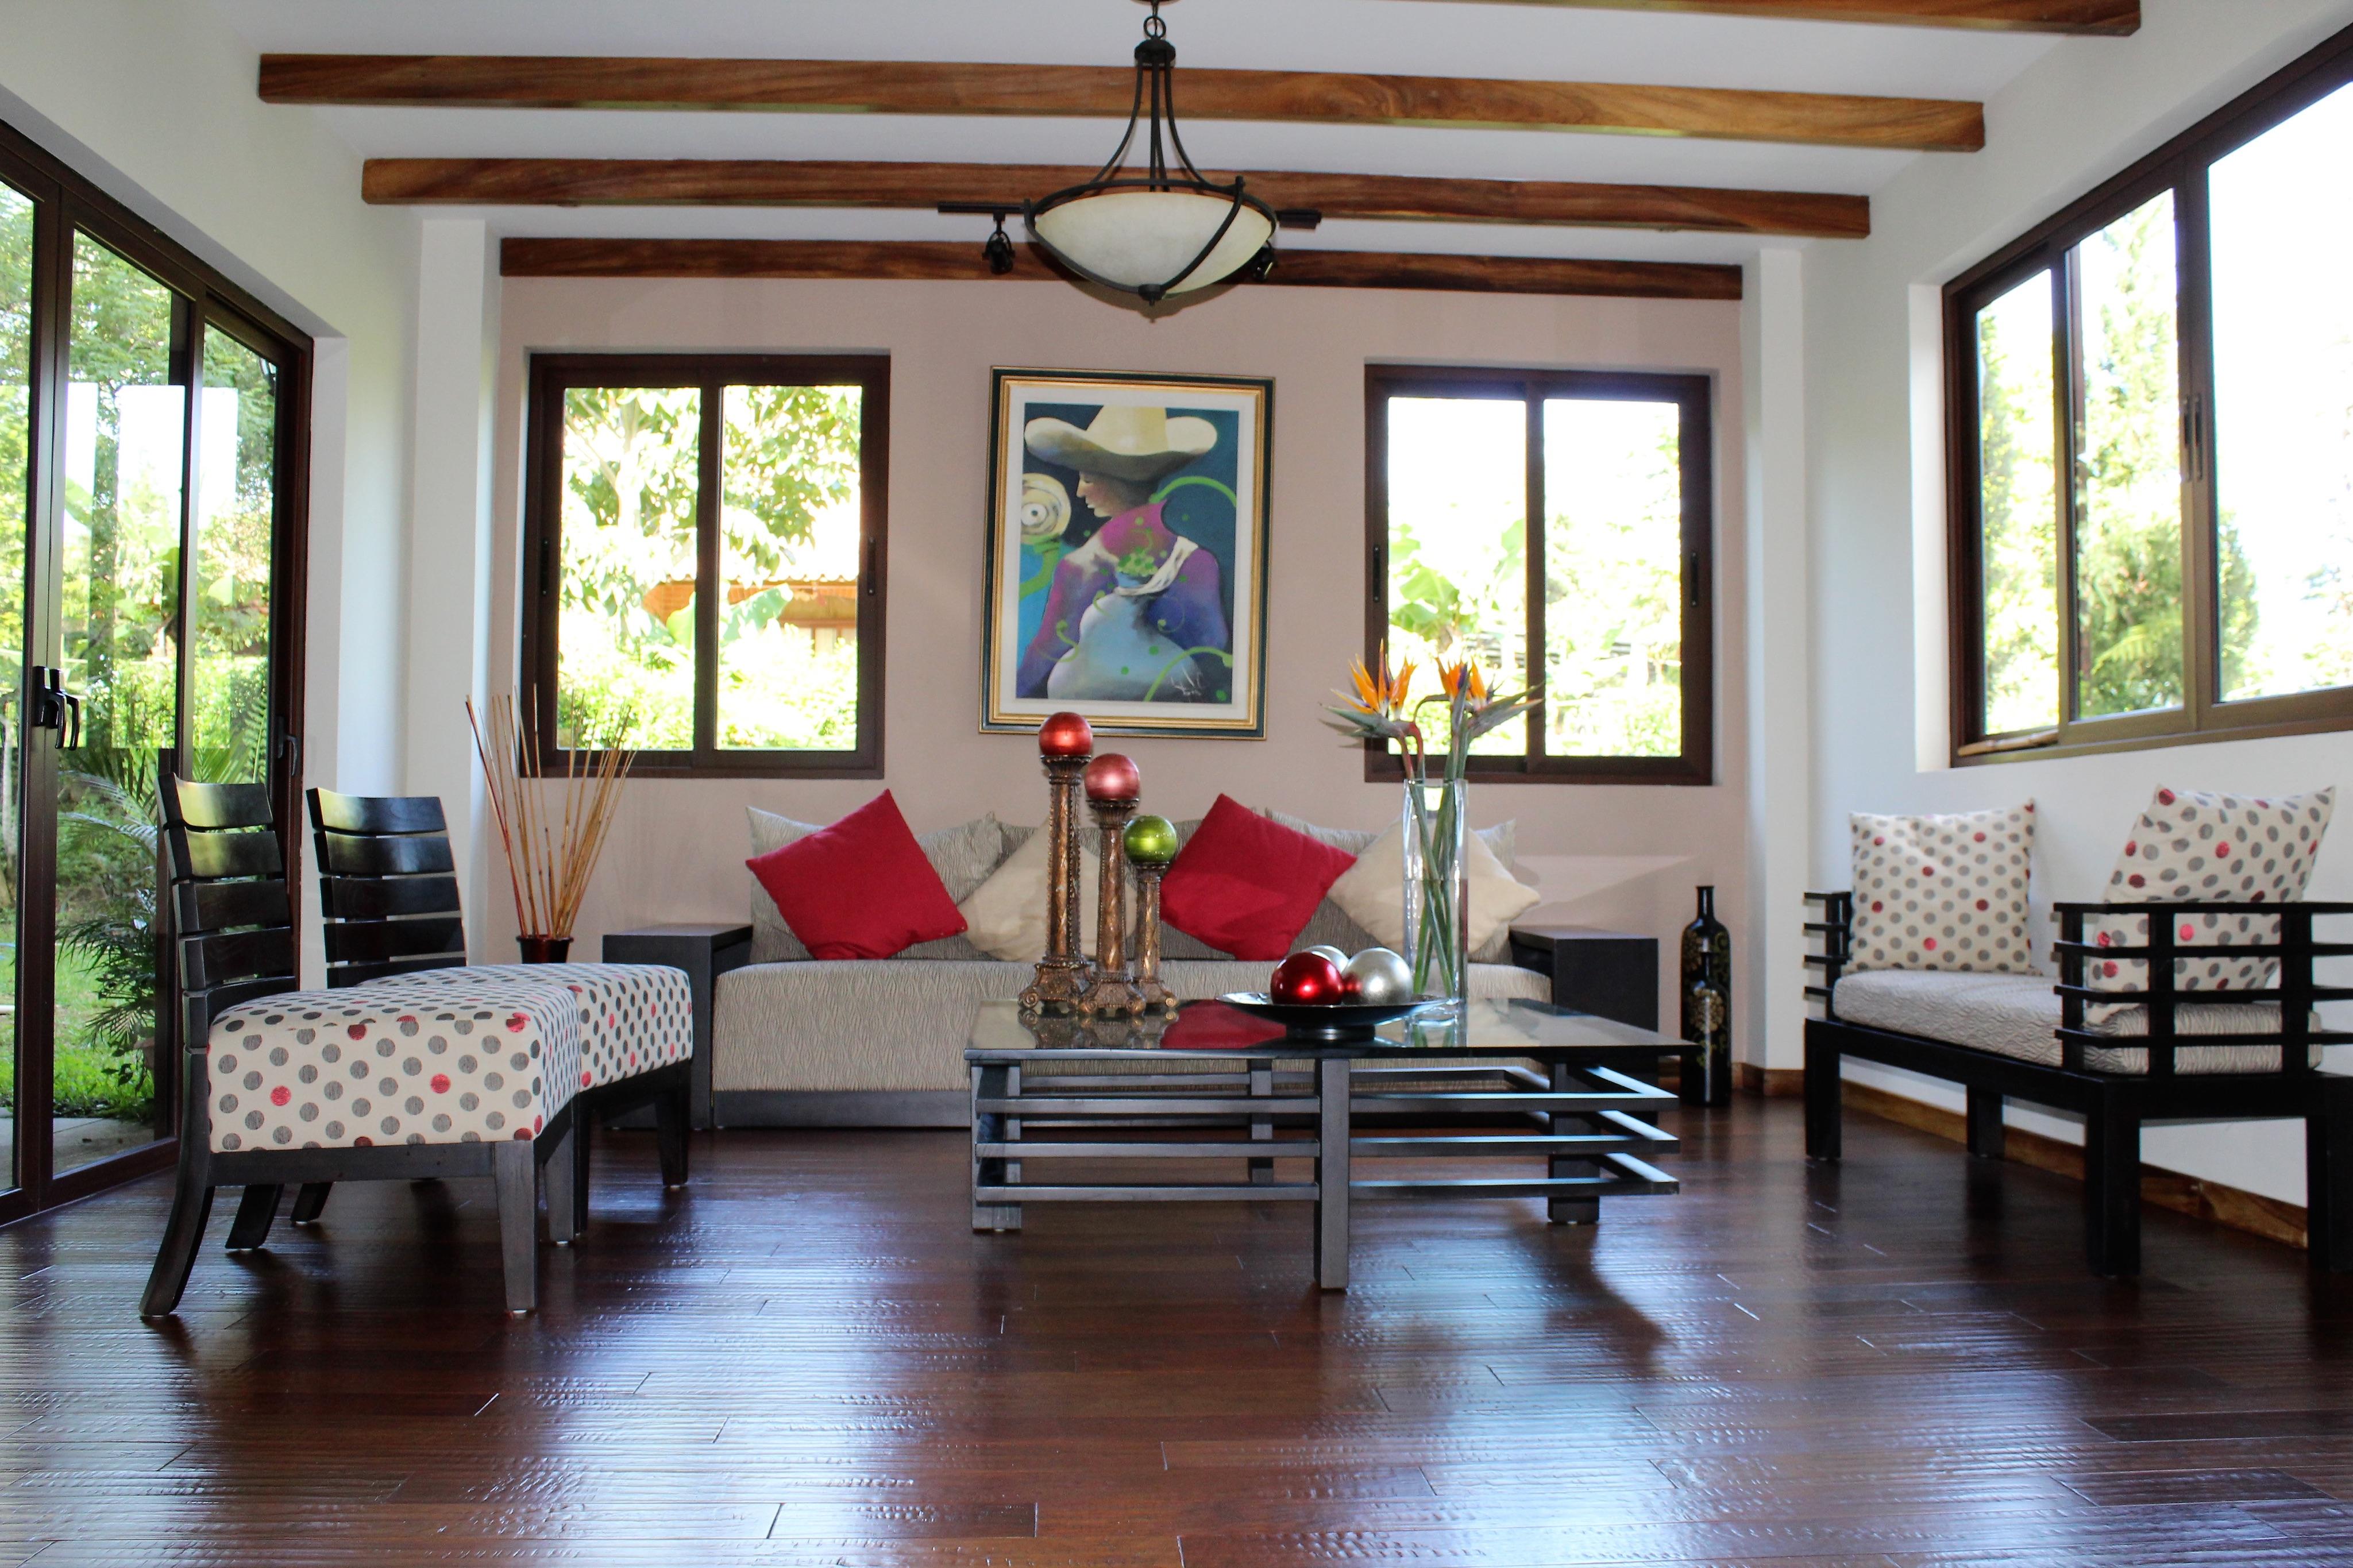 CPTCR0112 Casa en Venta Alturas de Tenerife  sala